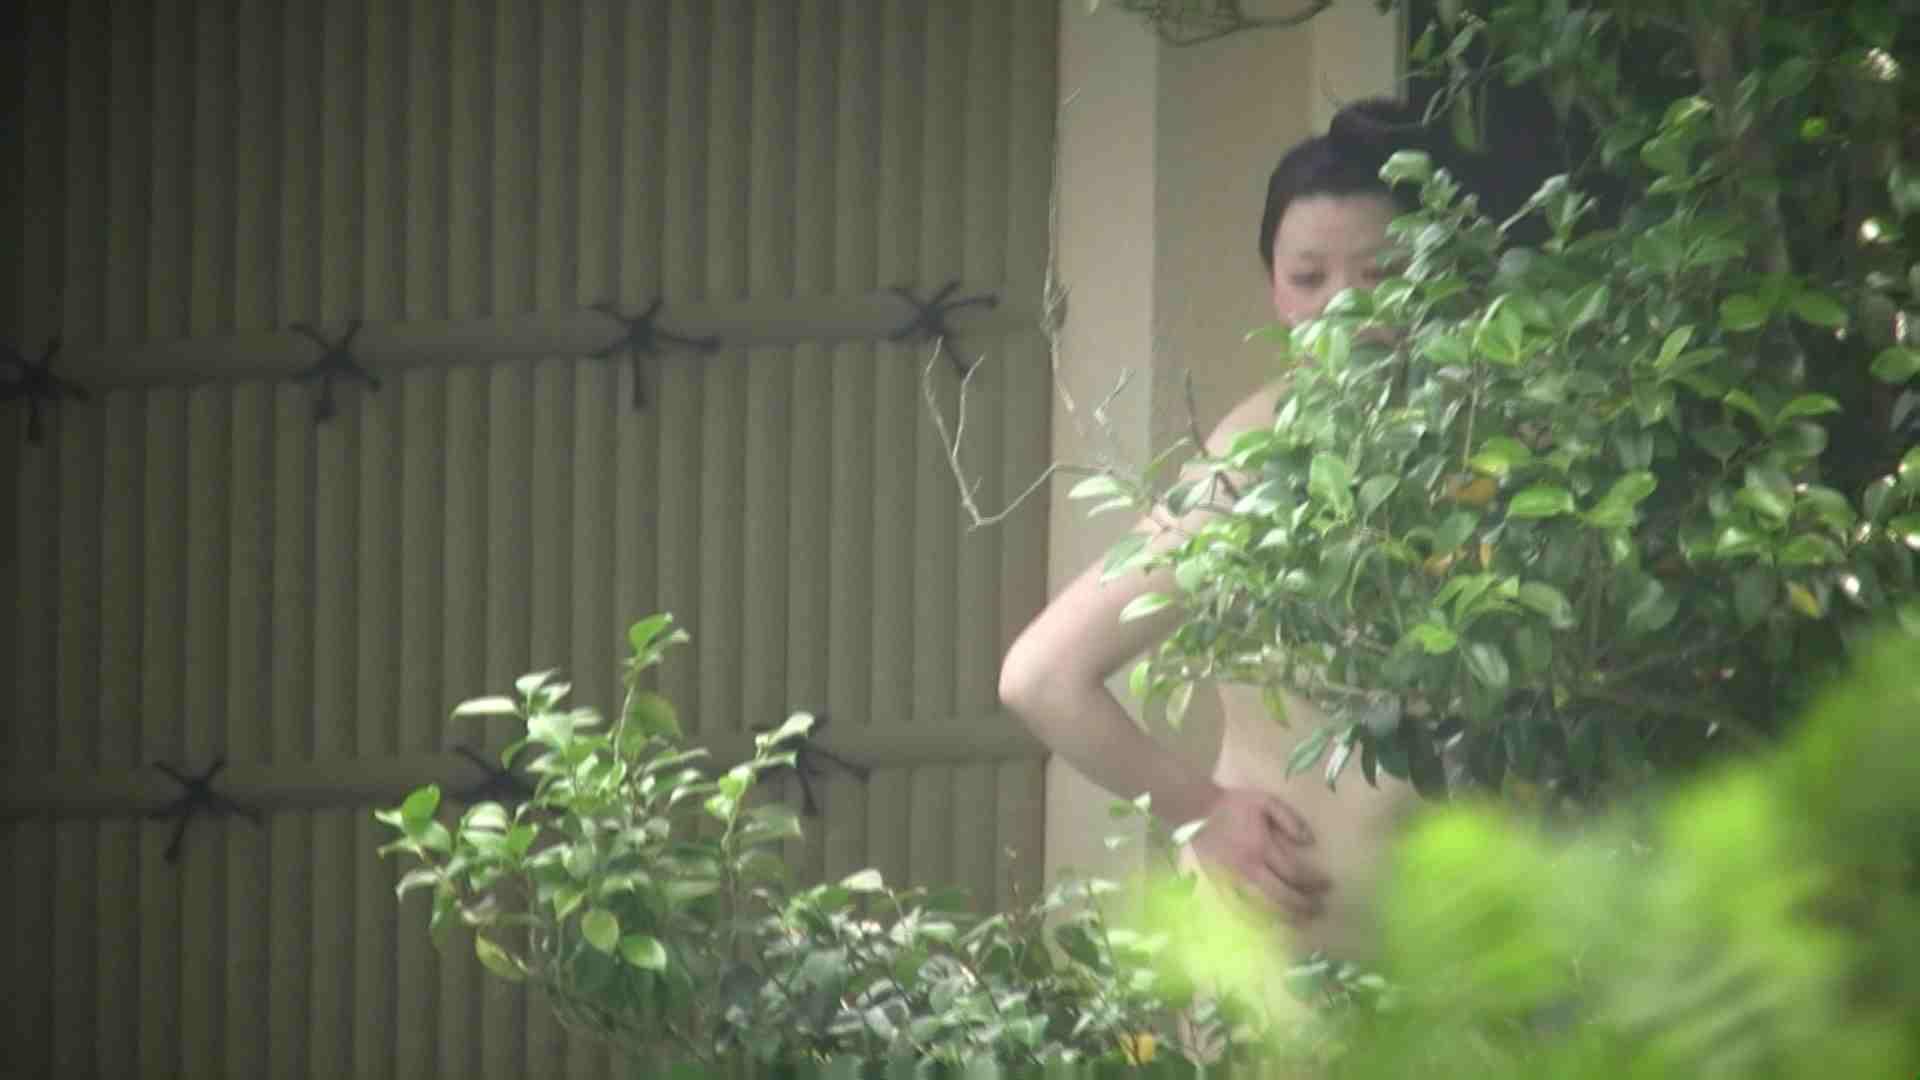 高画質露天女風呂観察 vol.022 入浴 | 高画質  86PIX 19